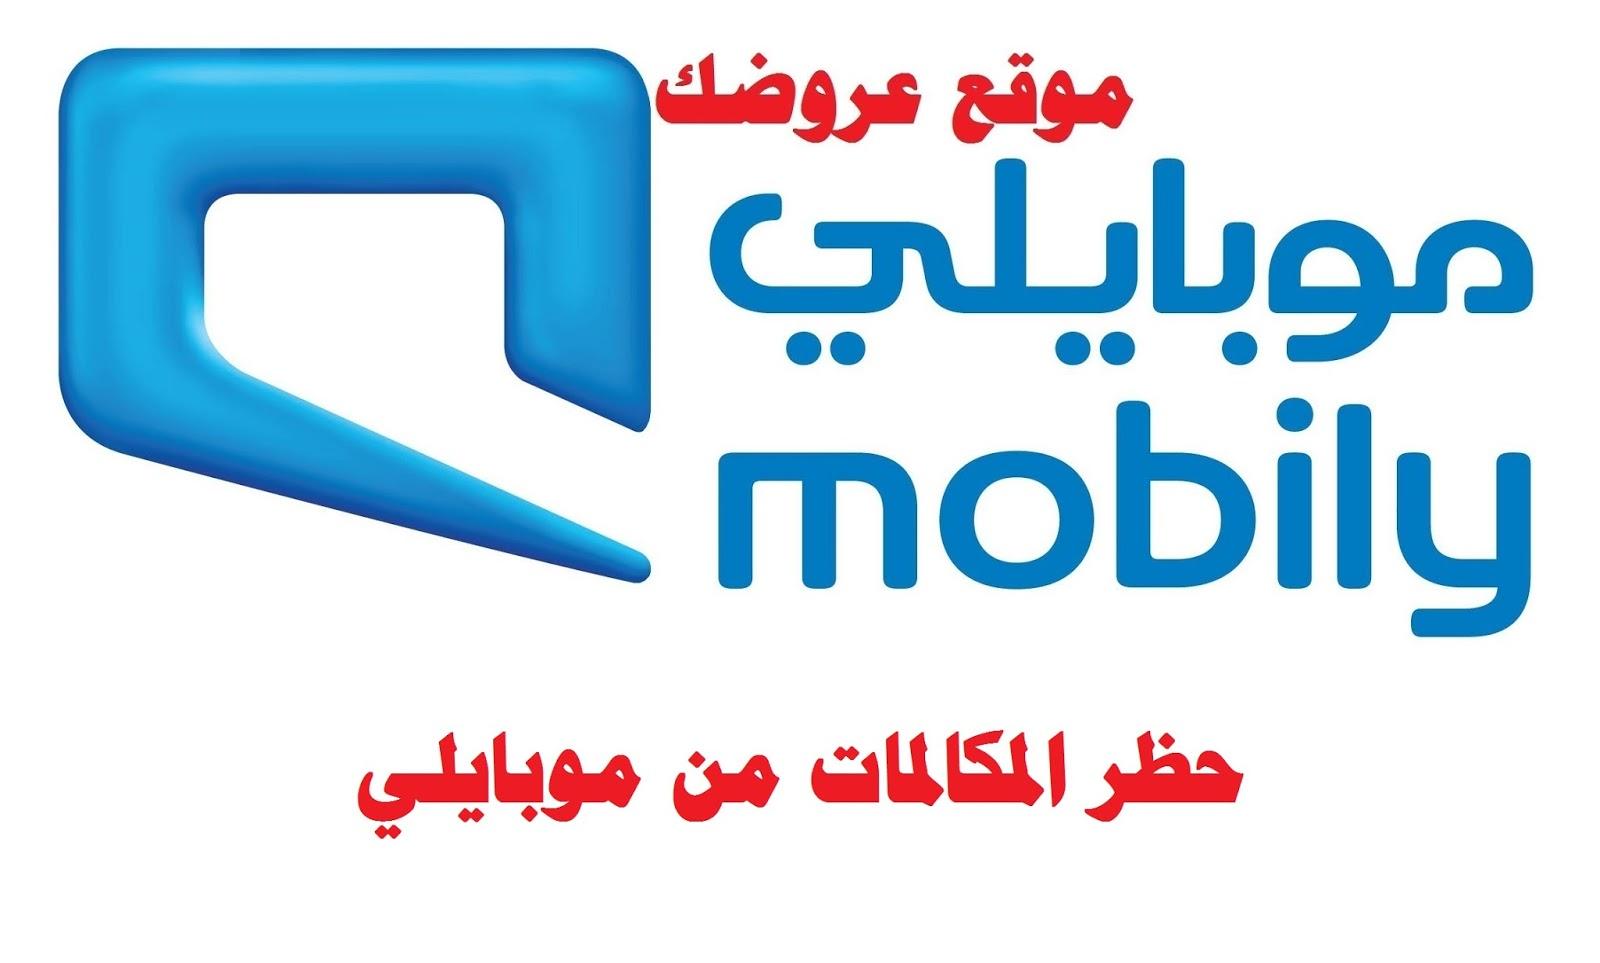 طريقة تفعيل وإلغاء خدمة حظر المكالمات من موبايلي 2020